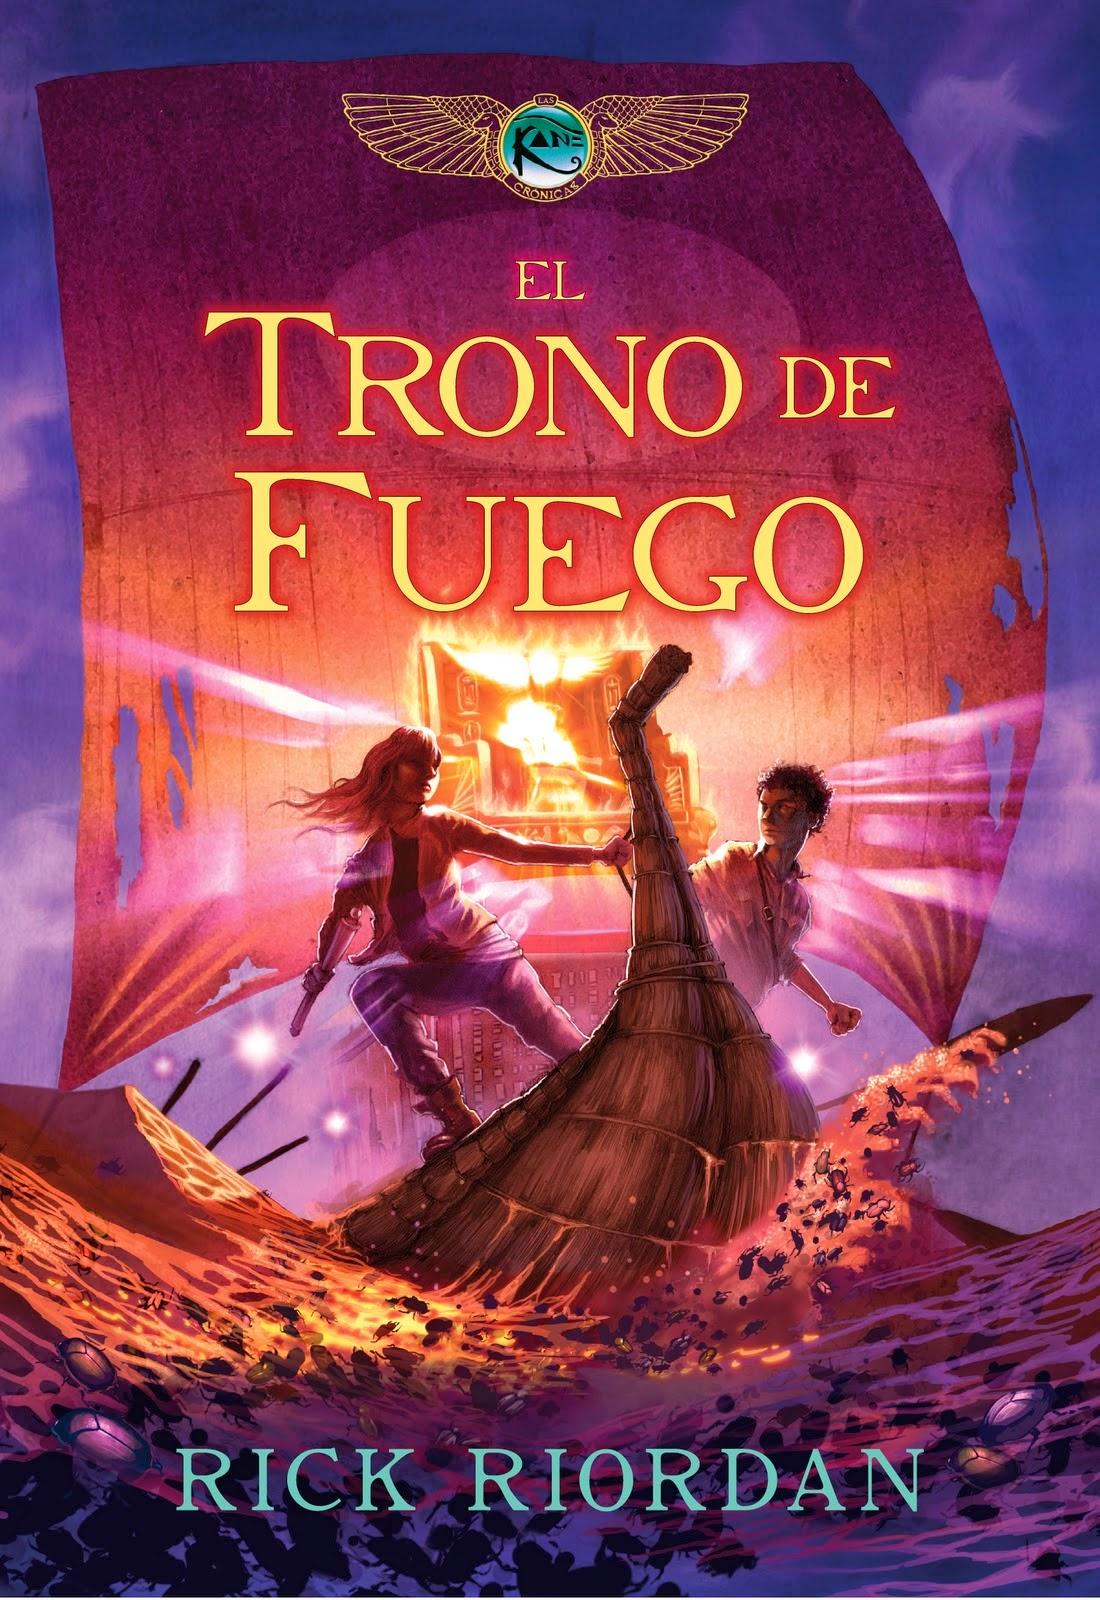 http://cuentauncuento-bam112.blogspot.mx/2013/02/opinion-el-trono-de-fuego.html